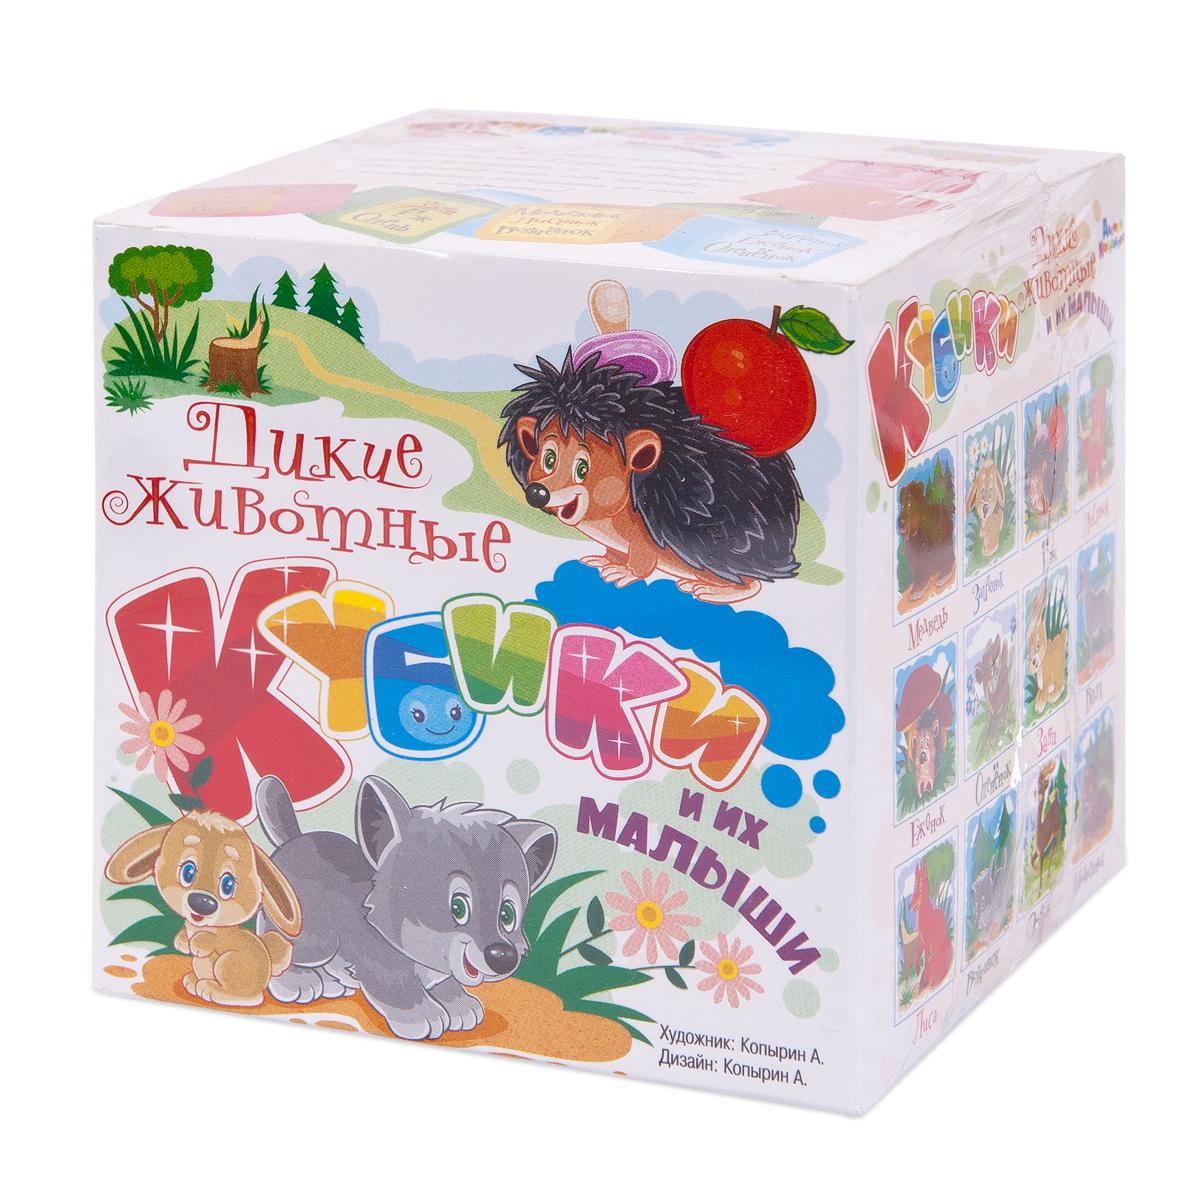 Фото - Кубики Десятое королевство Дикие животные и их малыши, 8 шт. развивающая игрушка кубики детские 4 шт десятое королевство домашние животные пластмассовые технология прямой печати по пластику сторон